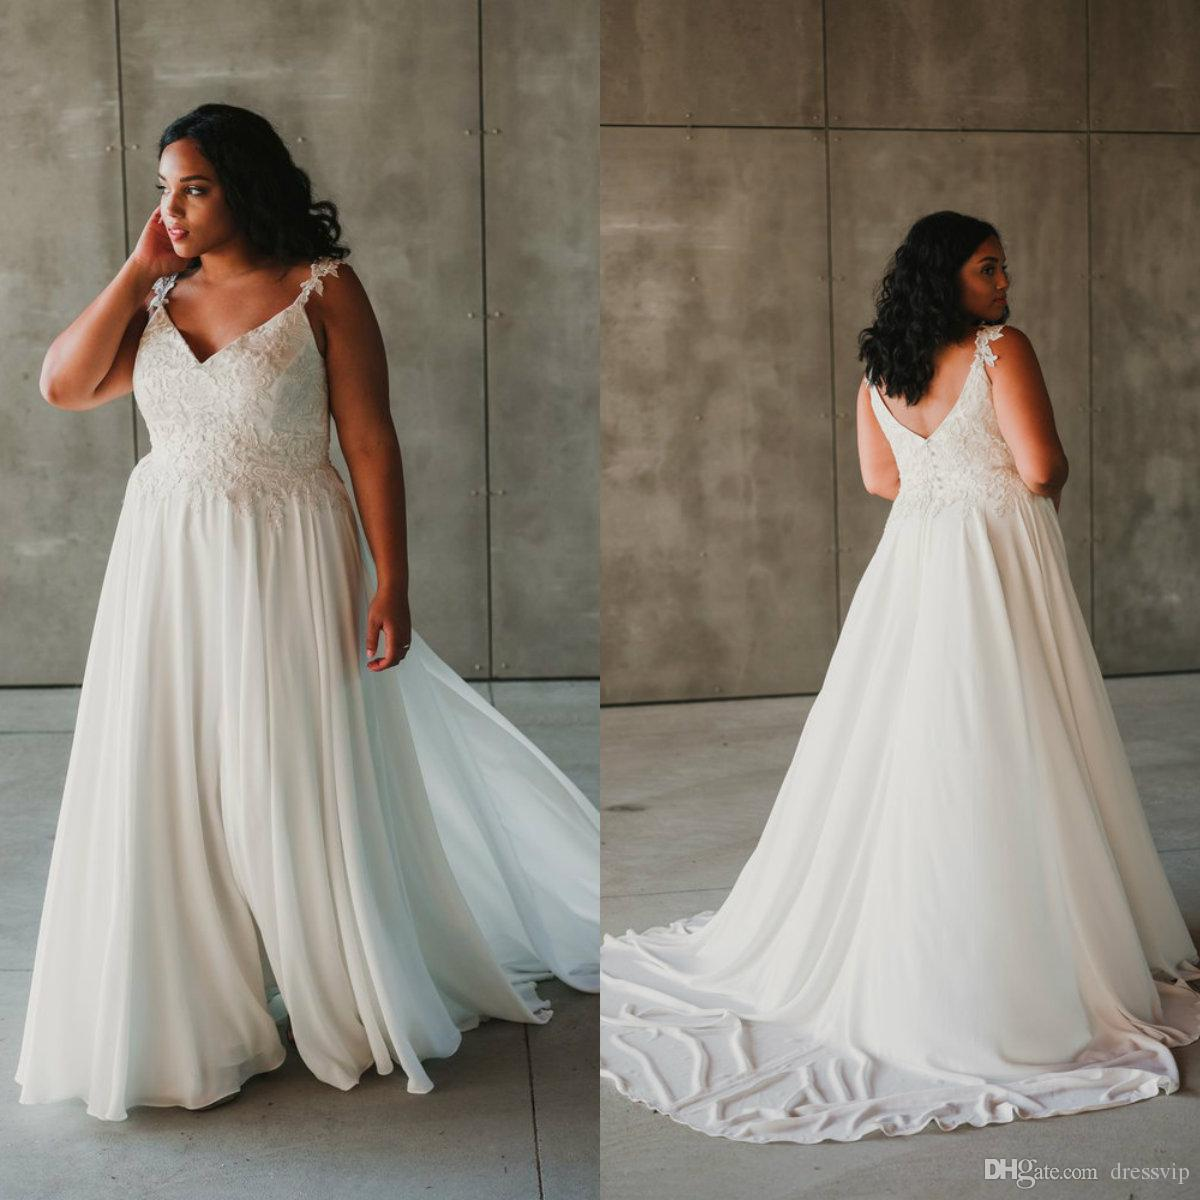 Discount Chic Plus Size Wedding Dresses Straps A Line Lace Appliques ...